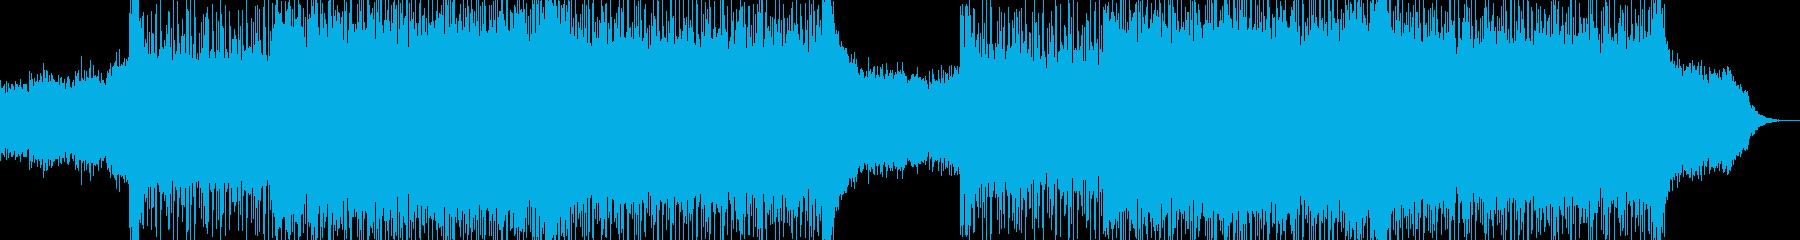 明るくポップな企業イベントVP-33の再生済みの波形